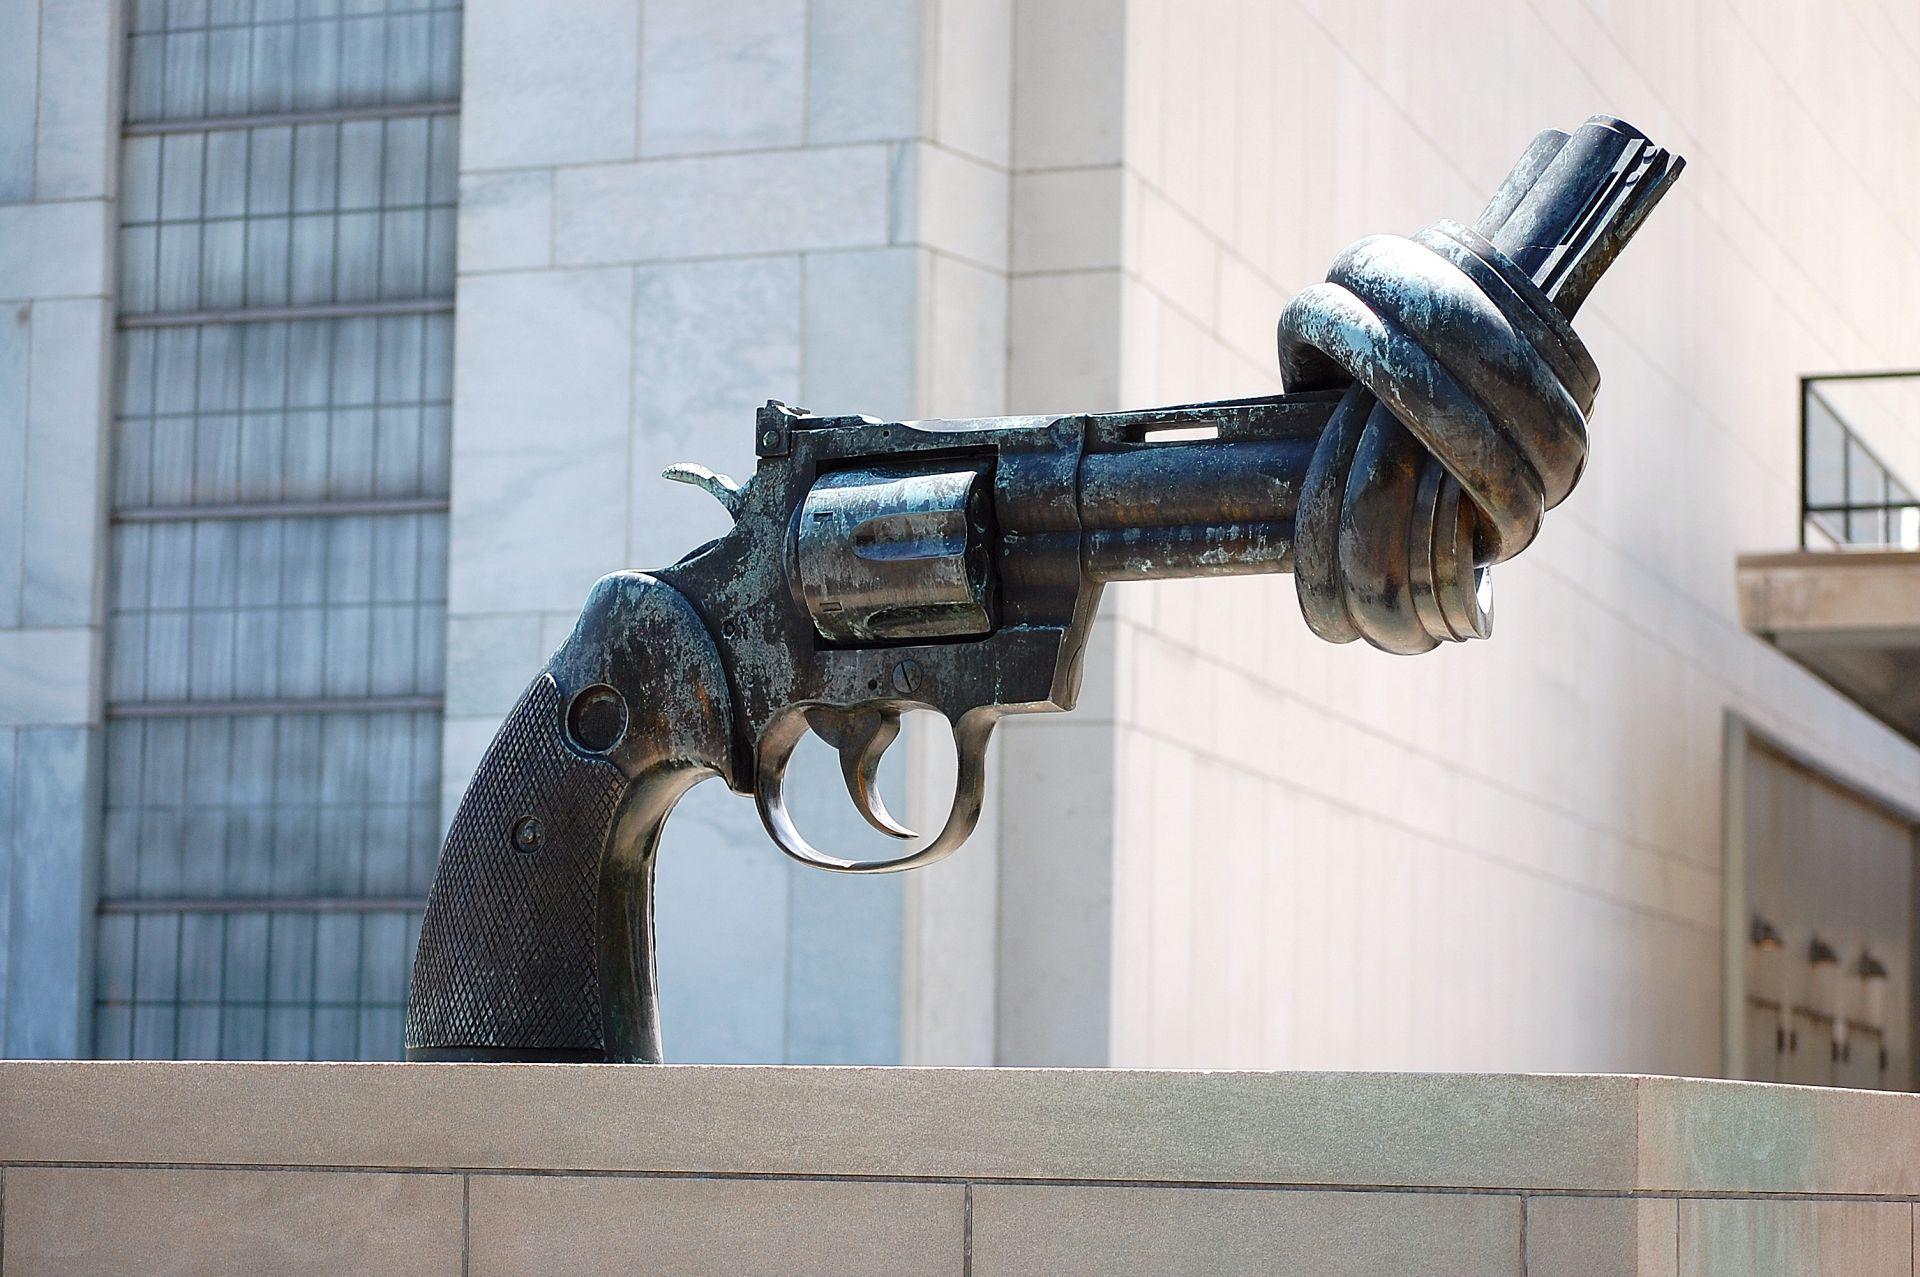 Al via la settimana internazionale del disarmo: ci vuole coerenza!